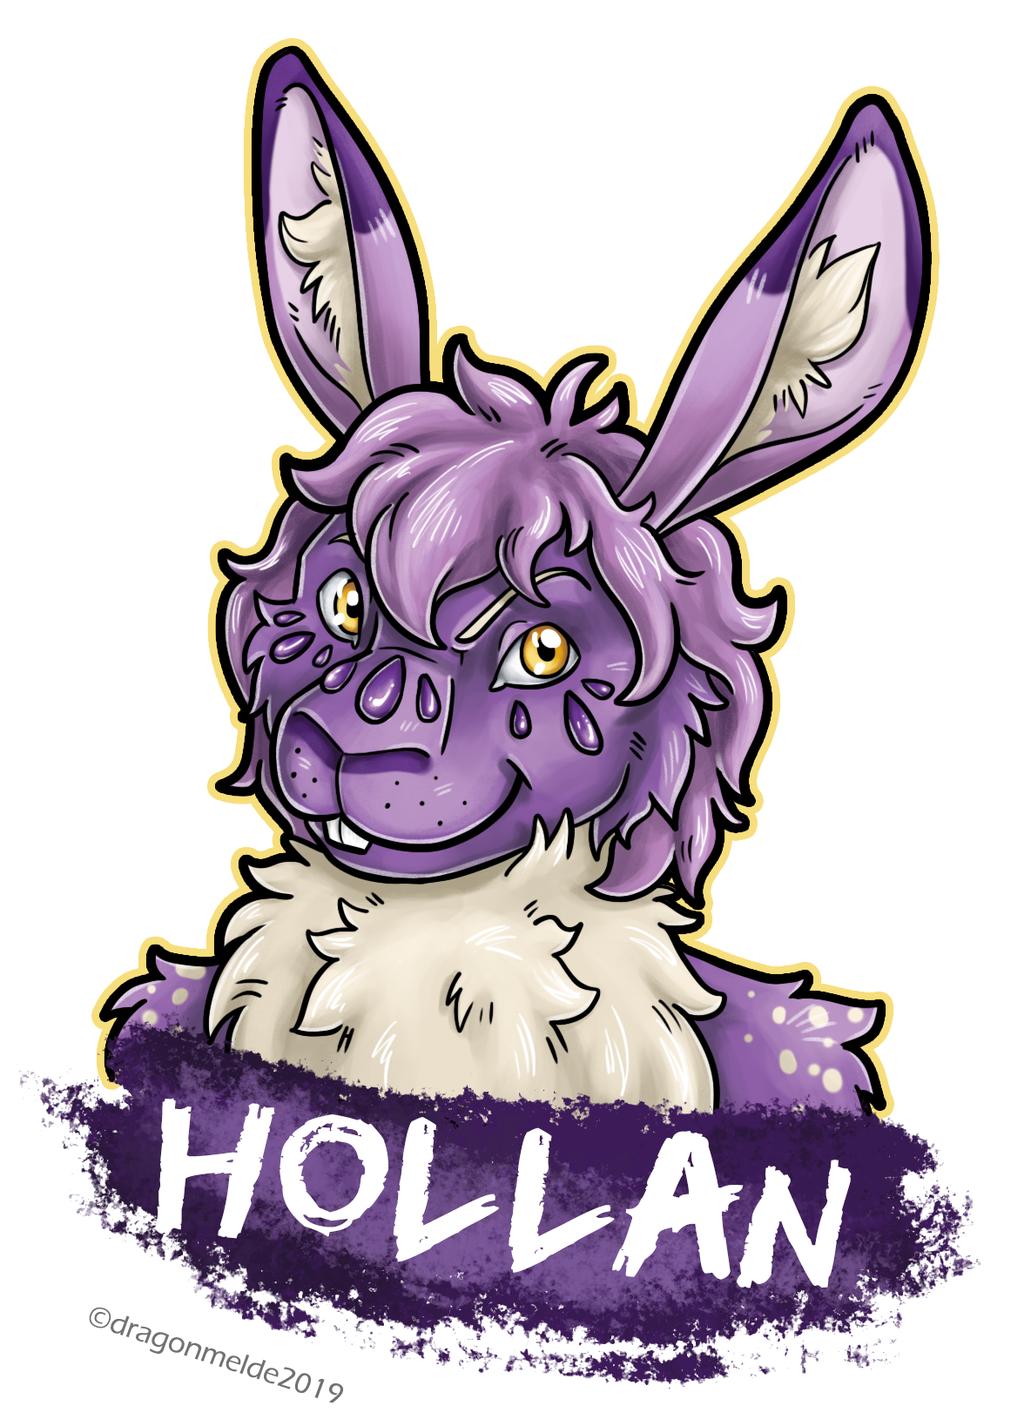 Hollan Badge 2.0